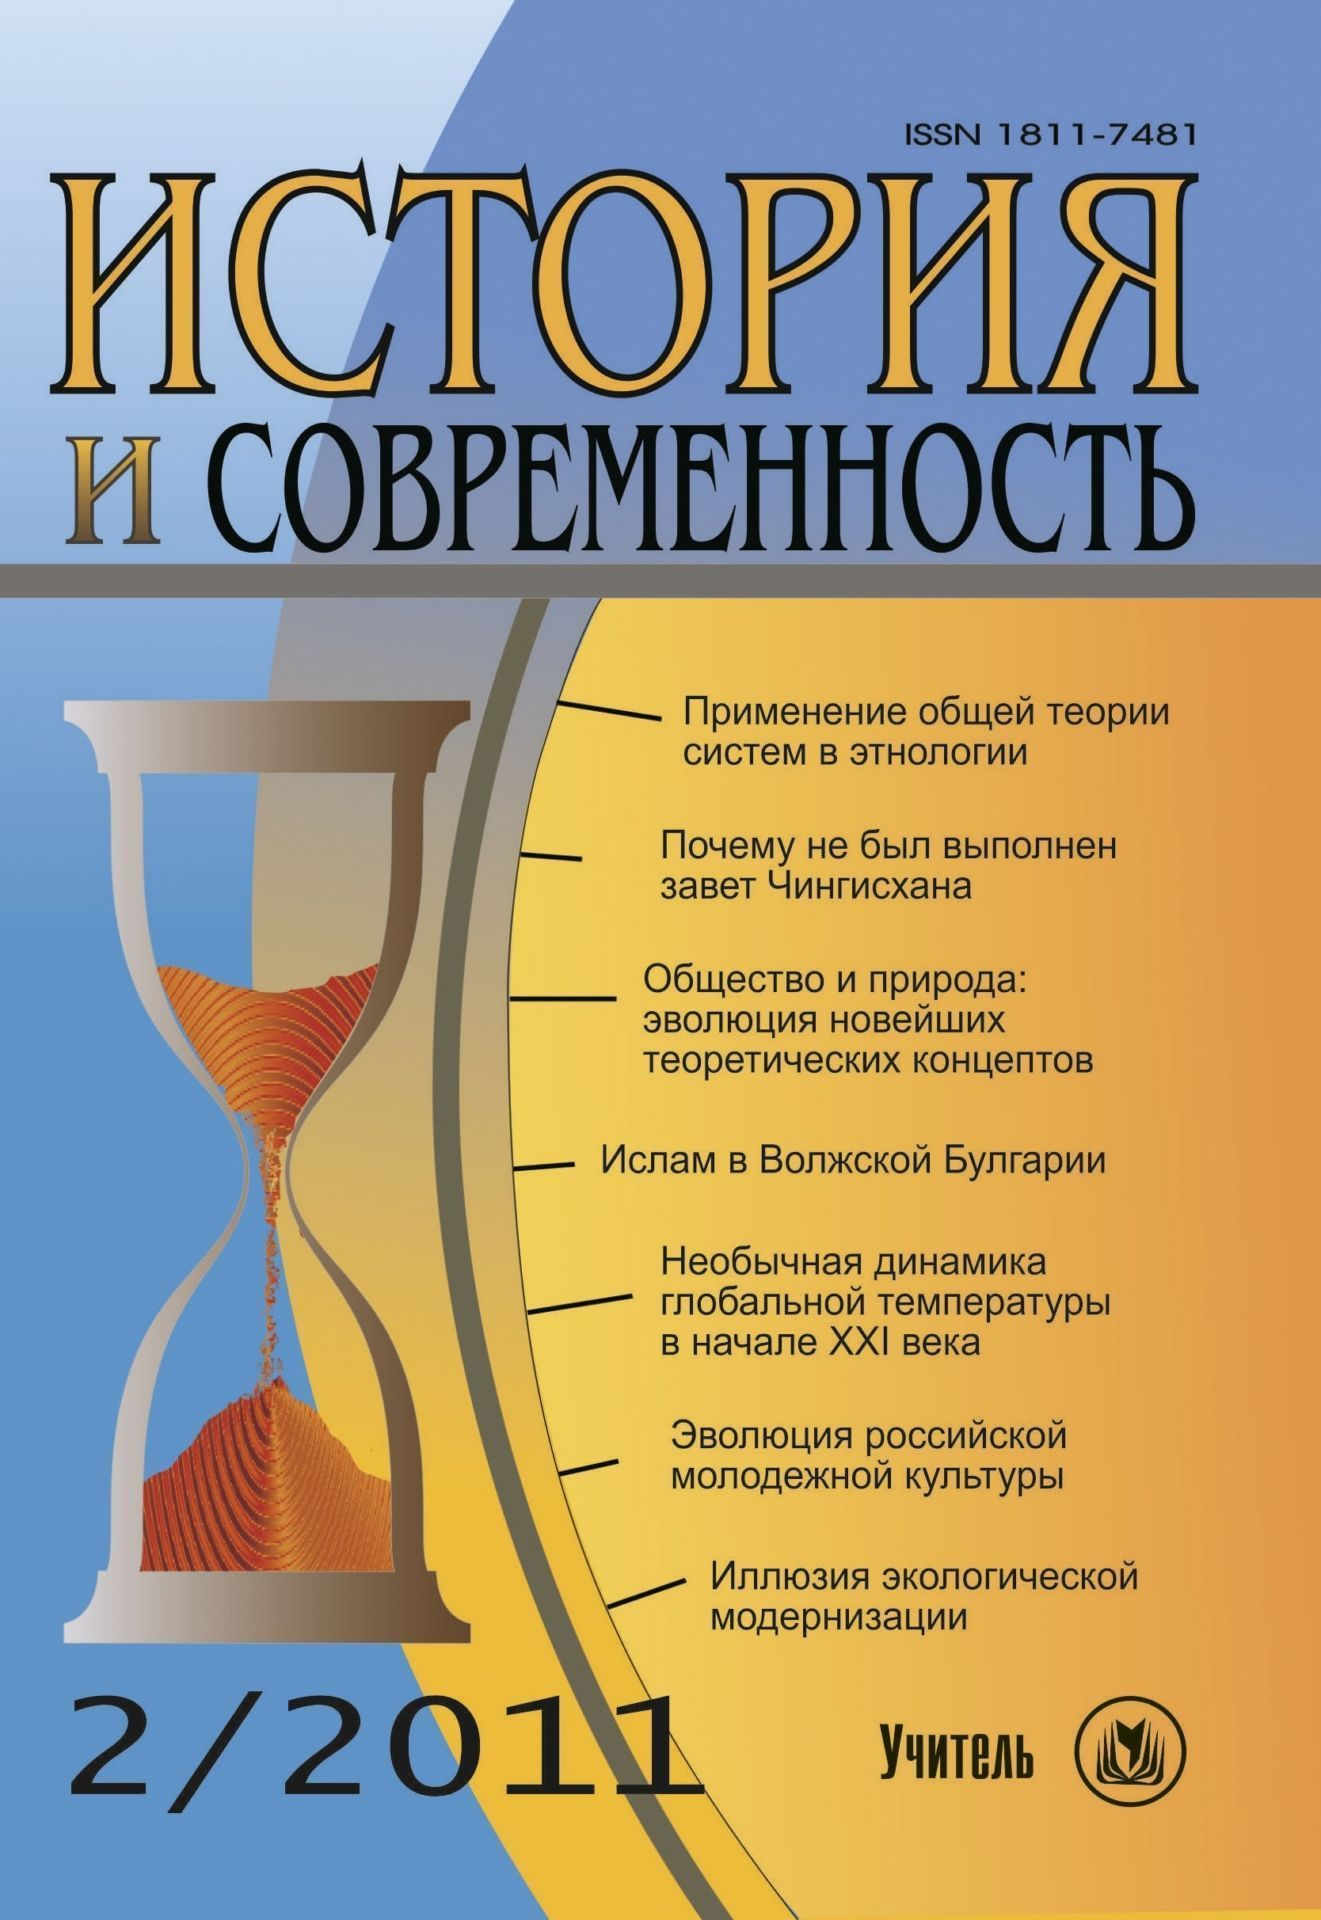 История и современность. № 2, 2011 г. Научно-теоретический журнал